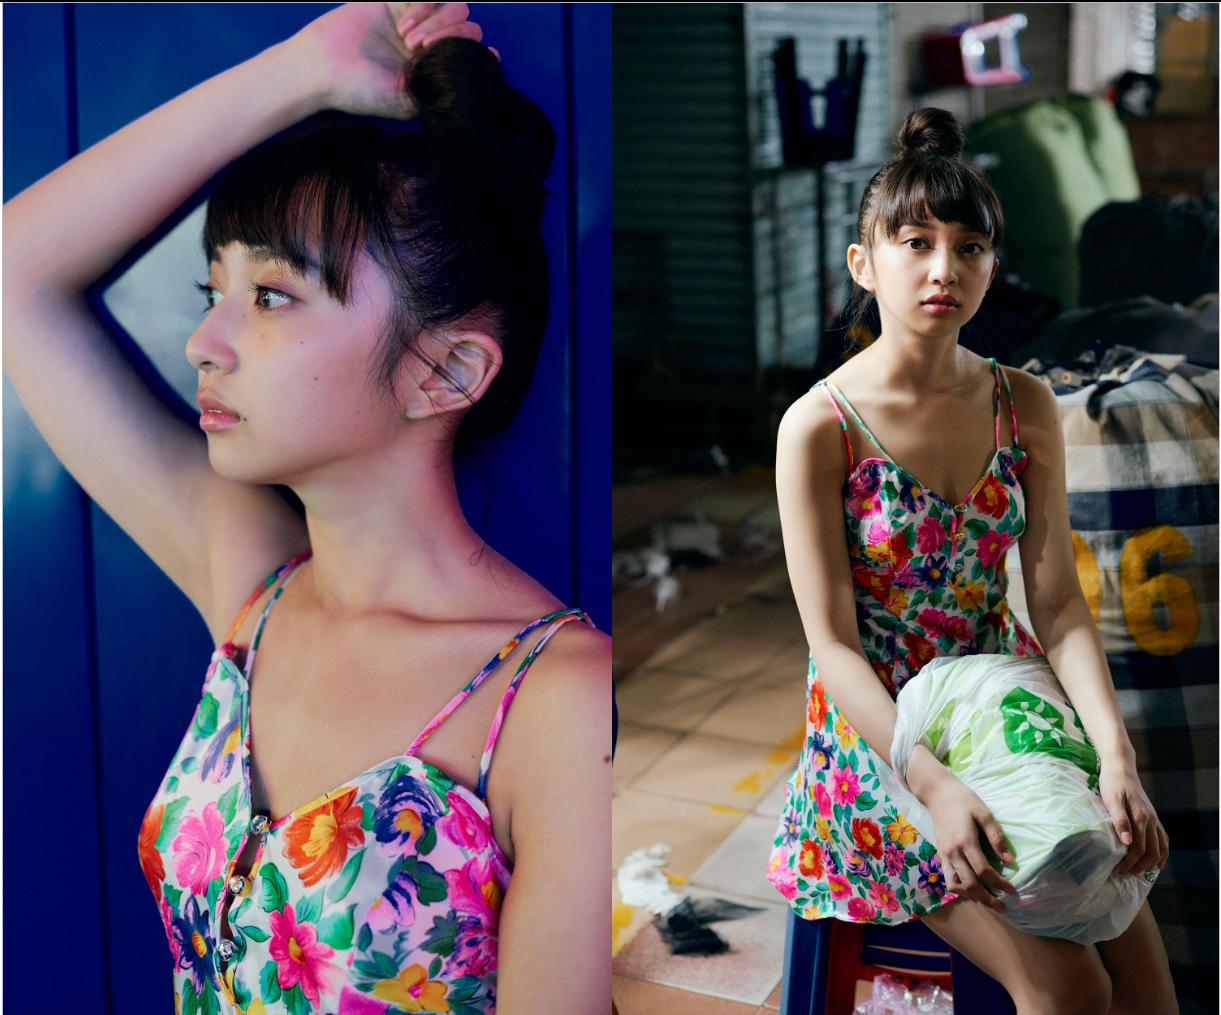 小宫有纱 ARISA024